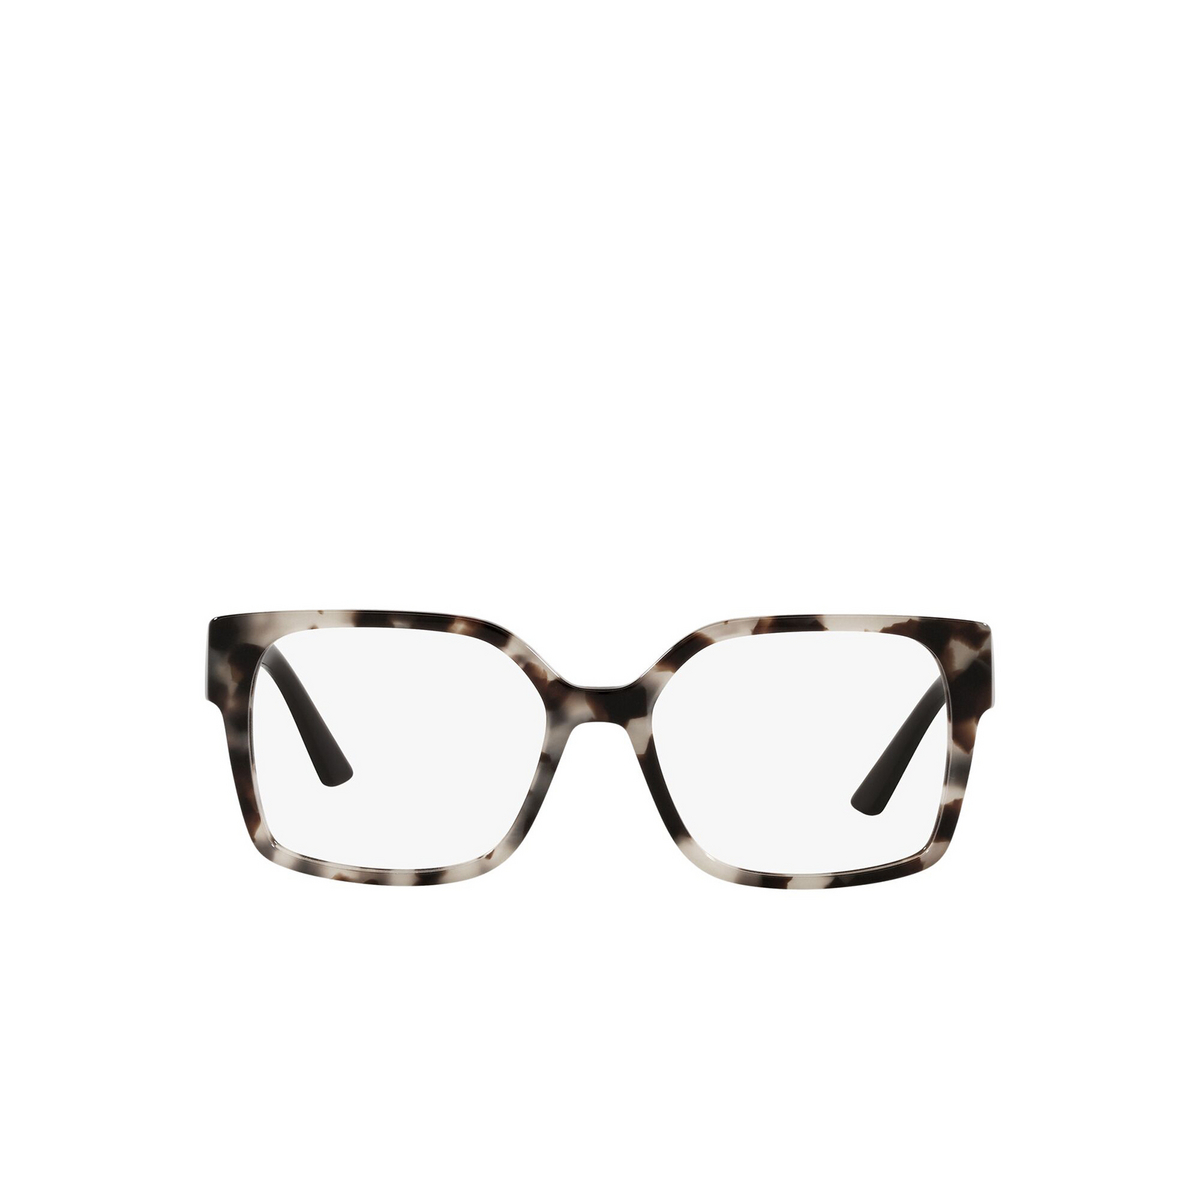 Prada® Square Eyeglasses: PR 10WV color Talc Tortoise UAO1O1 - front view.